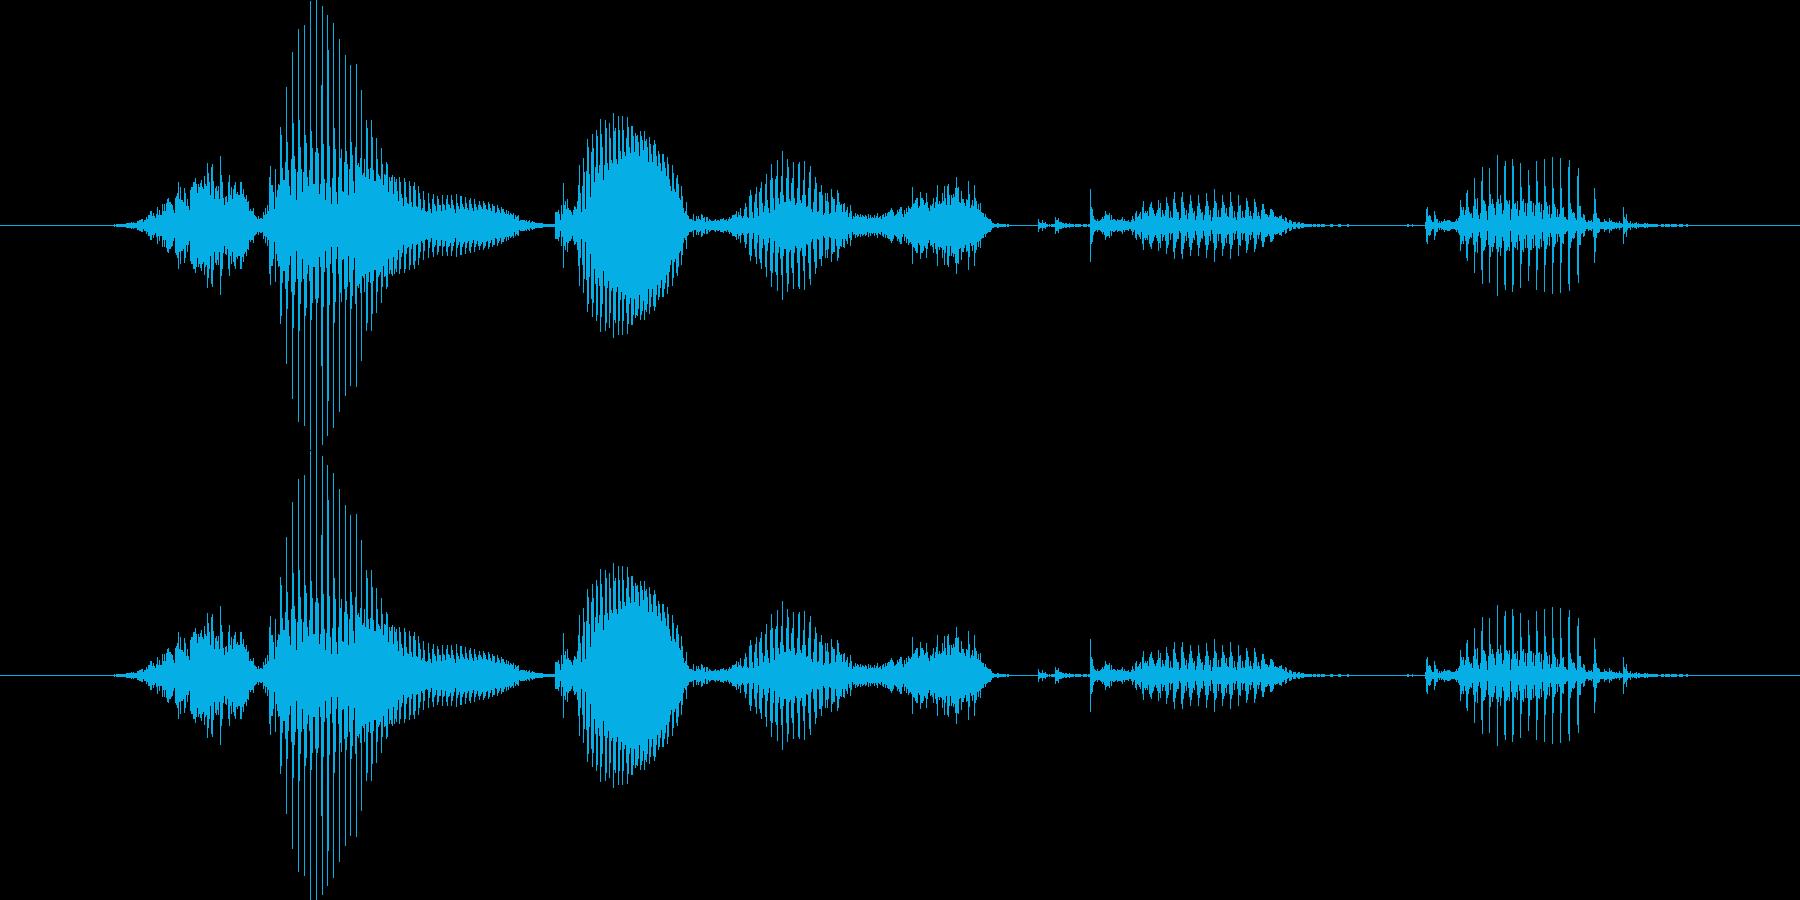 【日数・経過】3ヶ月経過の再生済みの波形